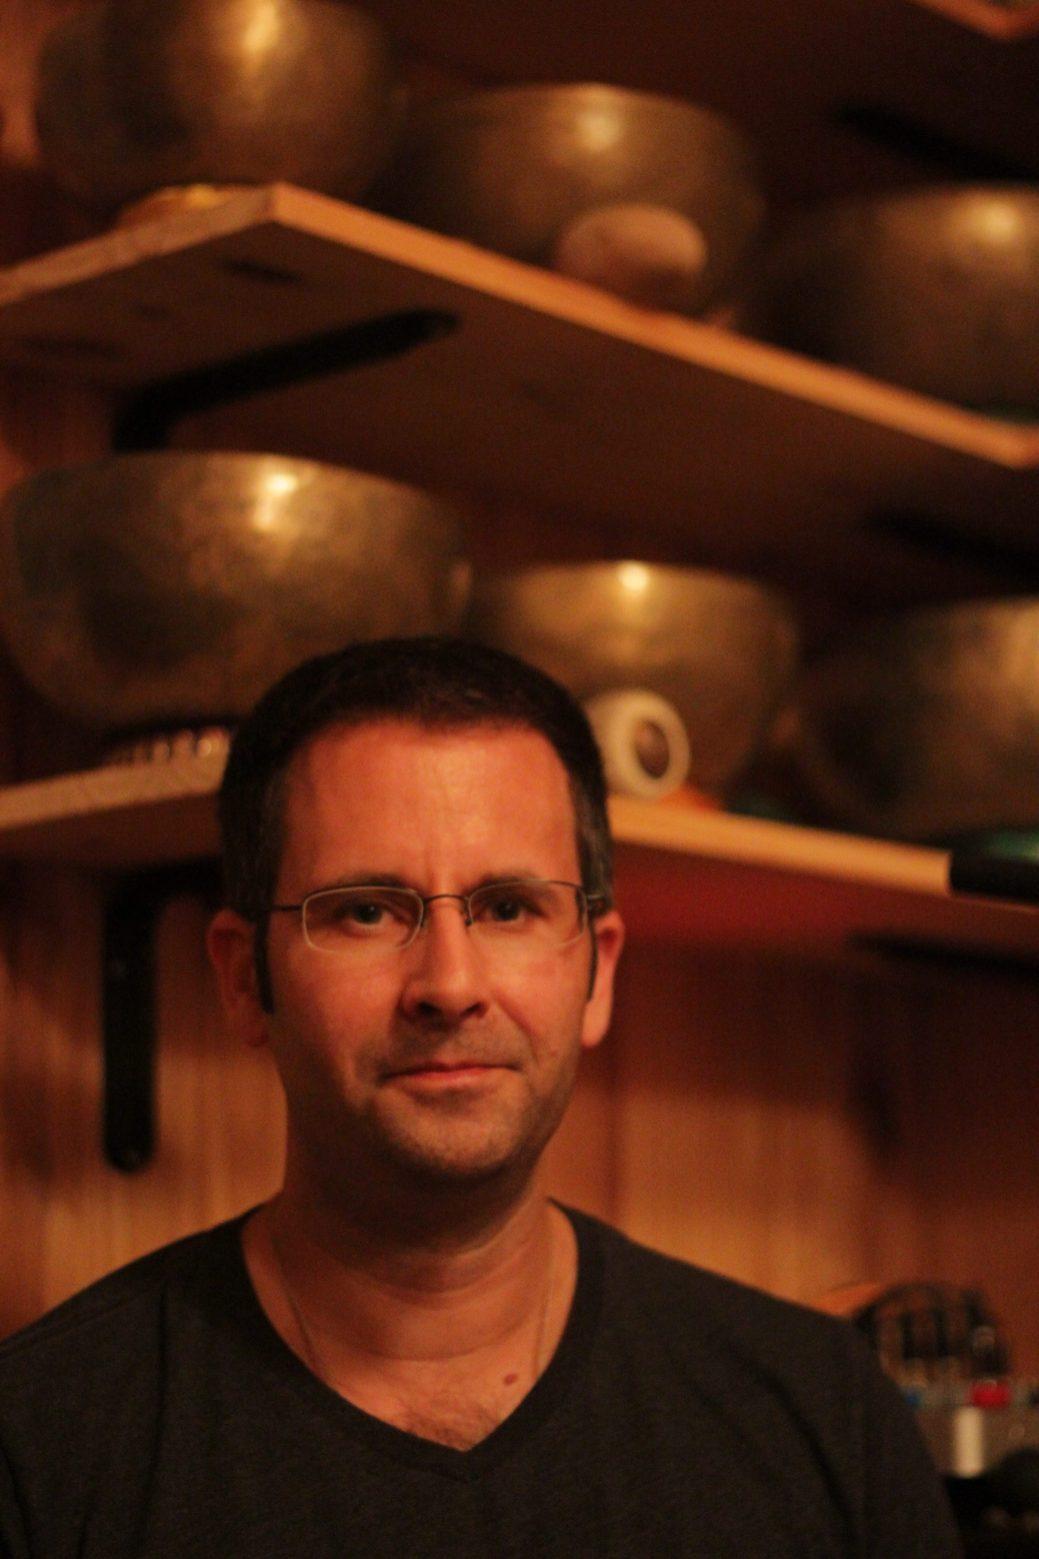 Terry Landry estime que sa pratique est encore marginale dans les médecines douces. - Acadie Nouvelle: Cédric Thévenin